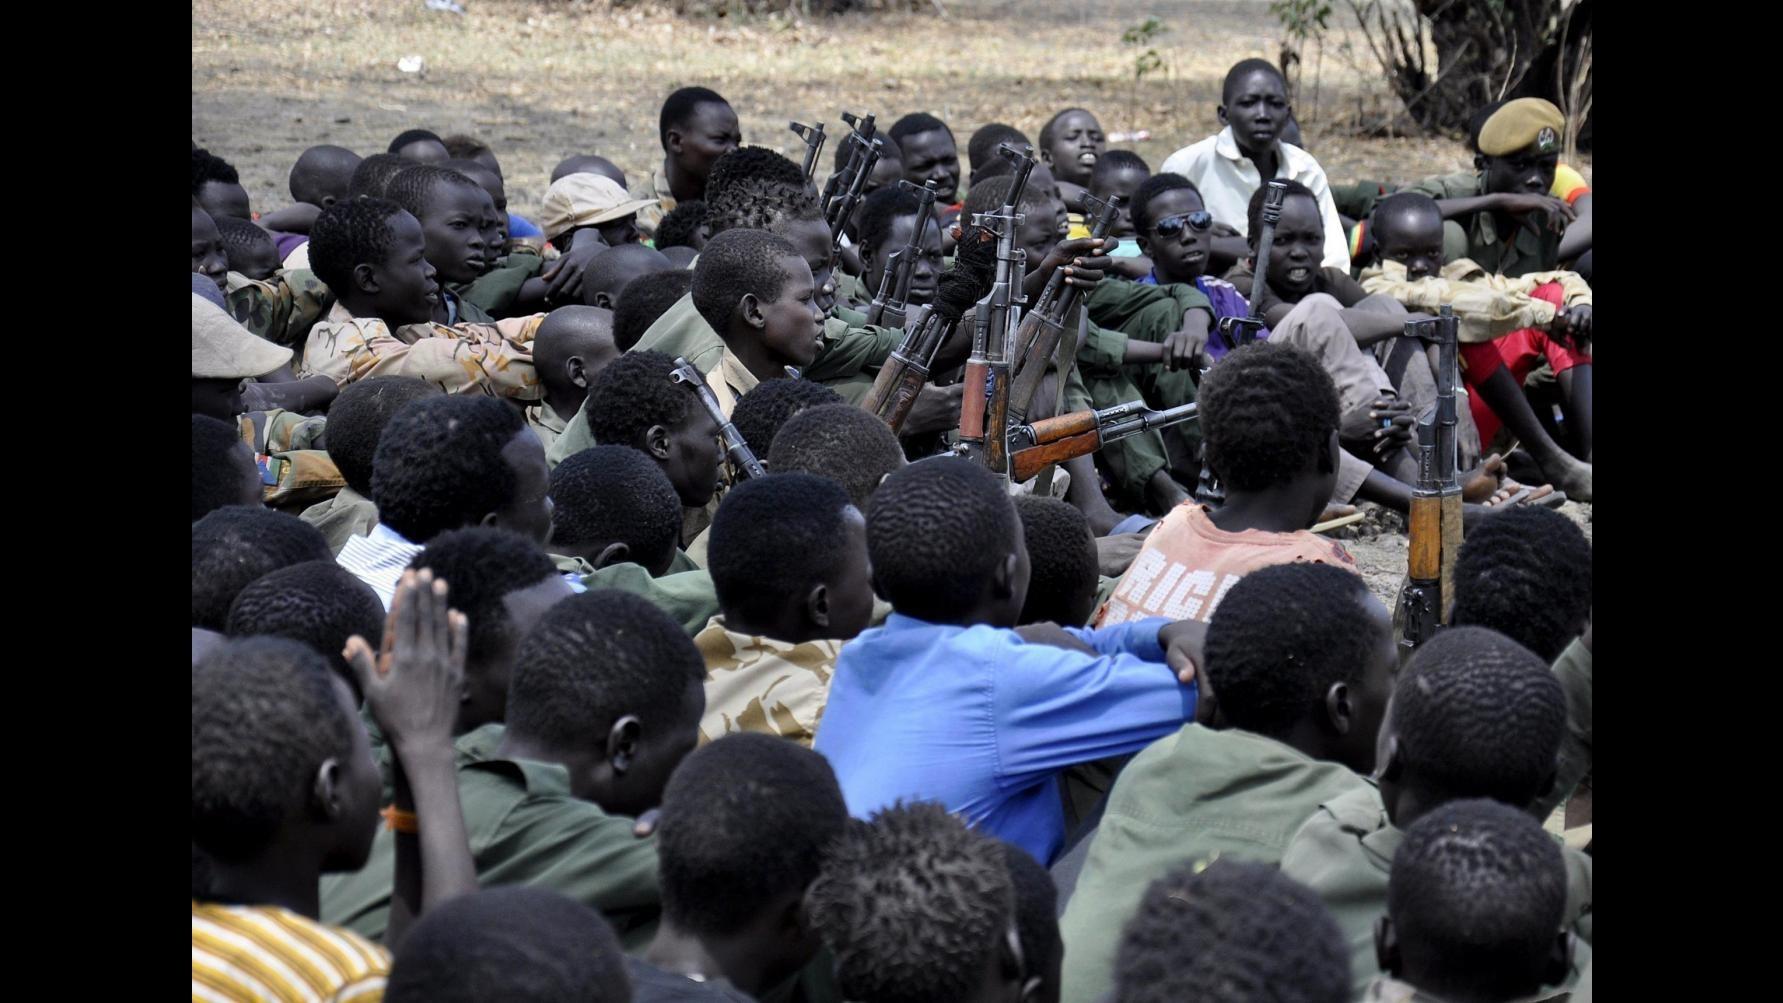 Repubblica Centrafricana, ok gruppi armati a rilascio bambini soldato